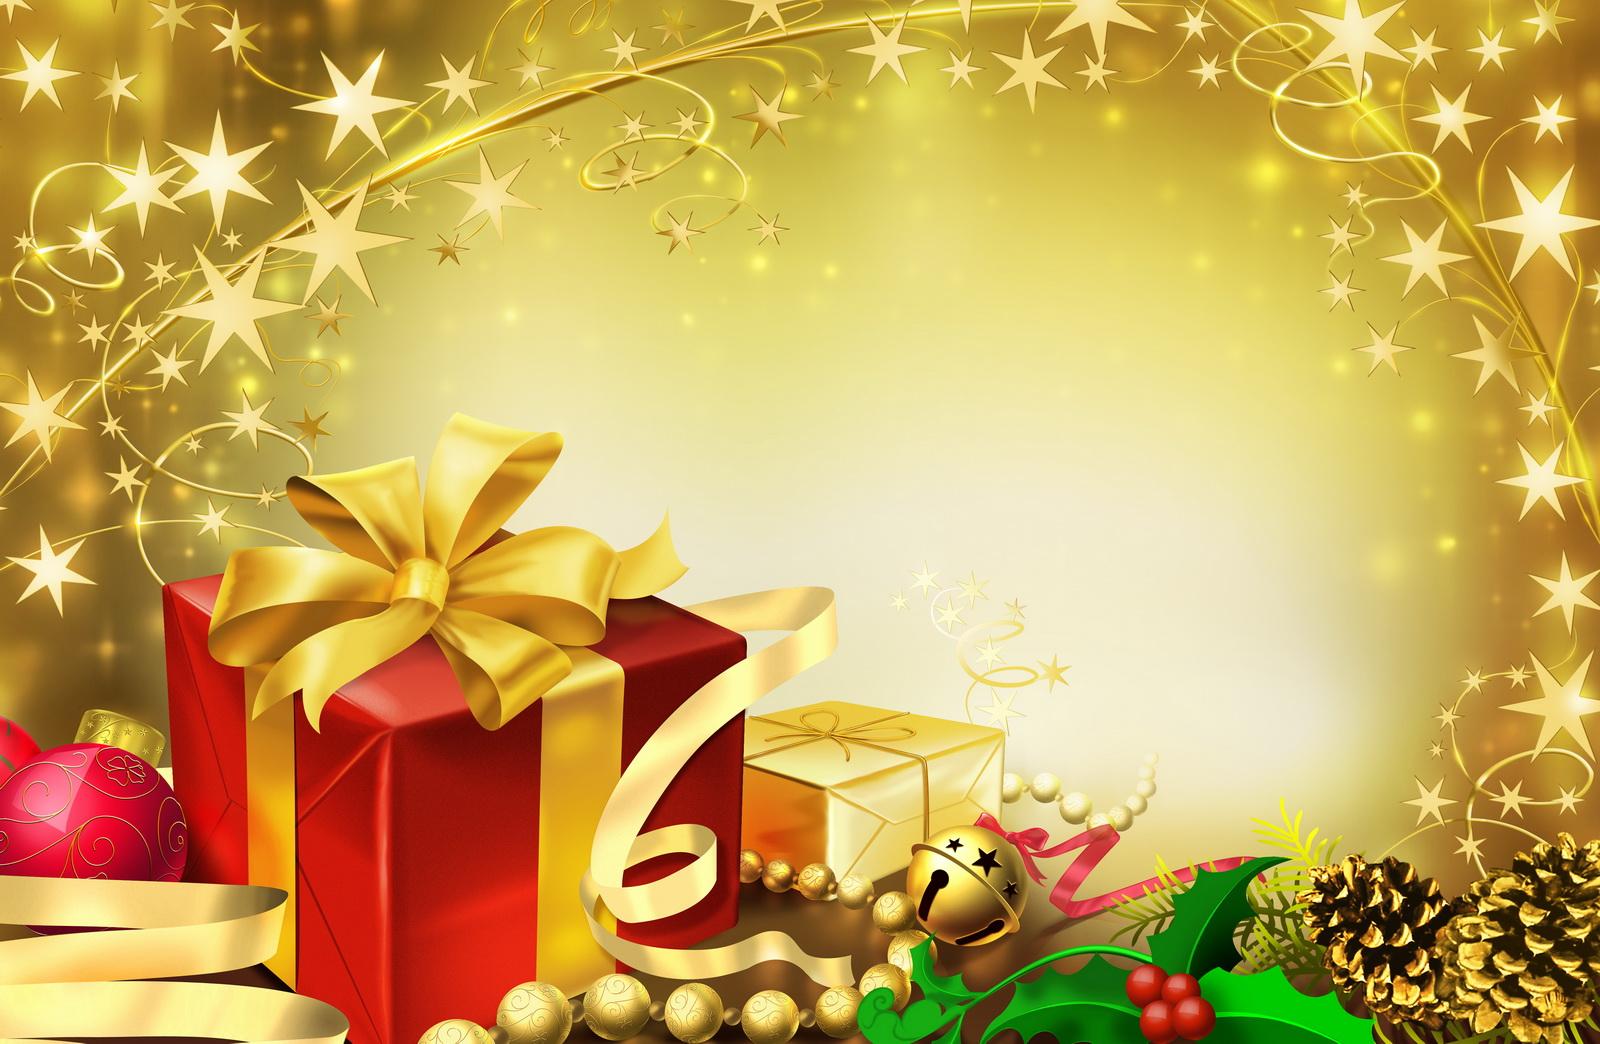 http://4.bp.blogspot.com/_2B_SHe8wDAI/TRCVEr0zOWI/AAAAAAAAAaw/M3kH18HApyI/s1600/Presentes-de-Natal-Papel-de-parede.jpg